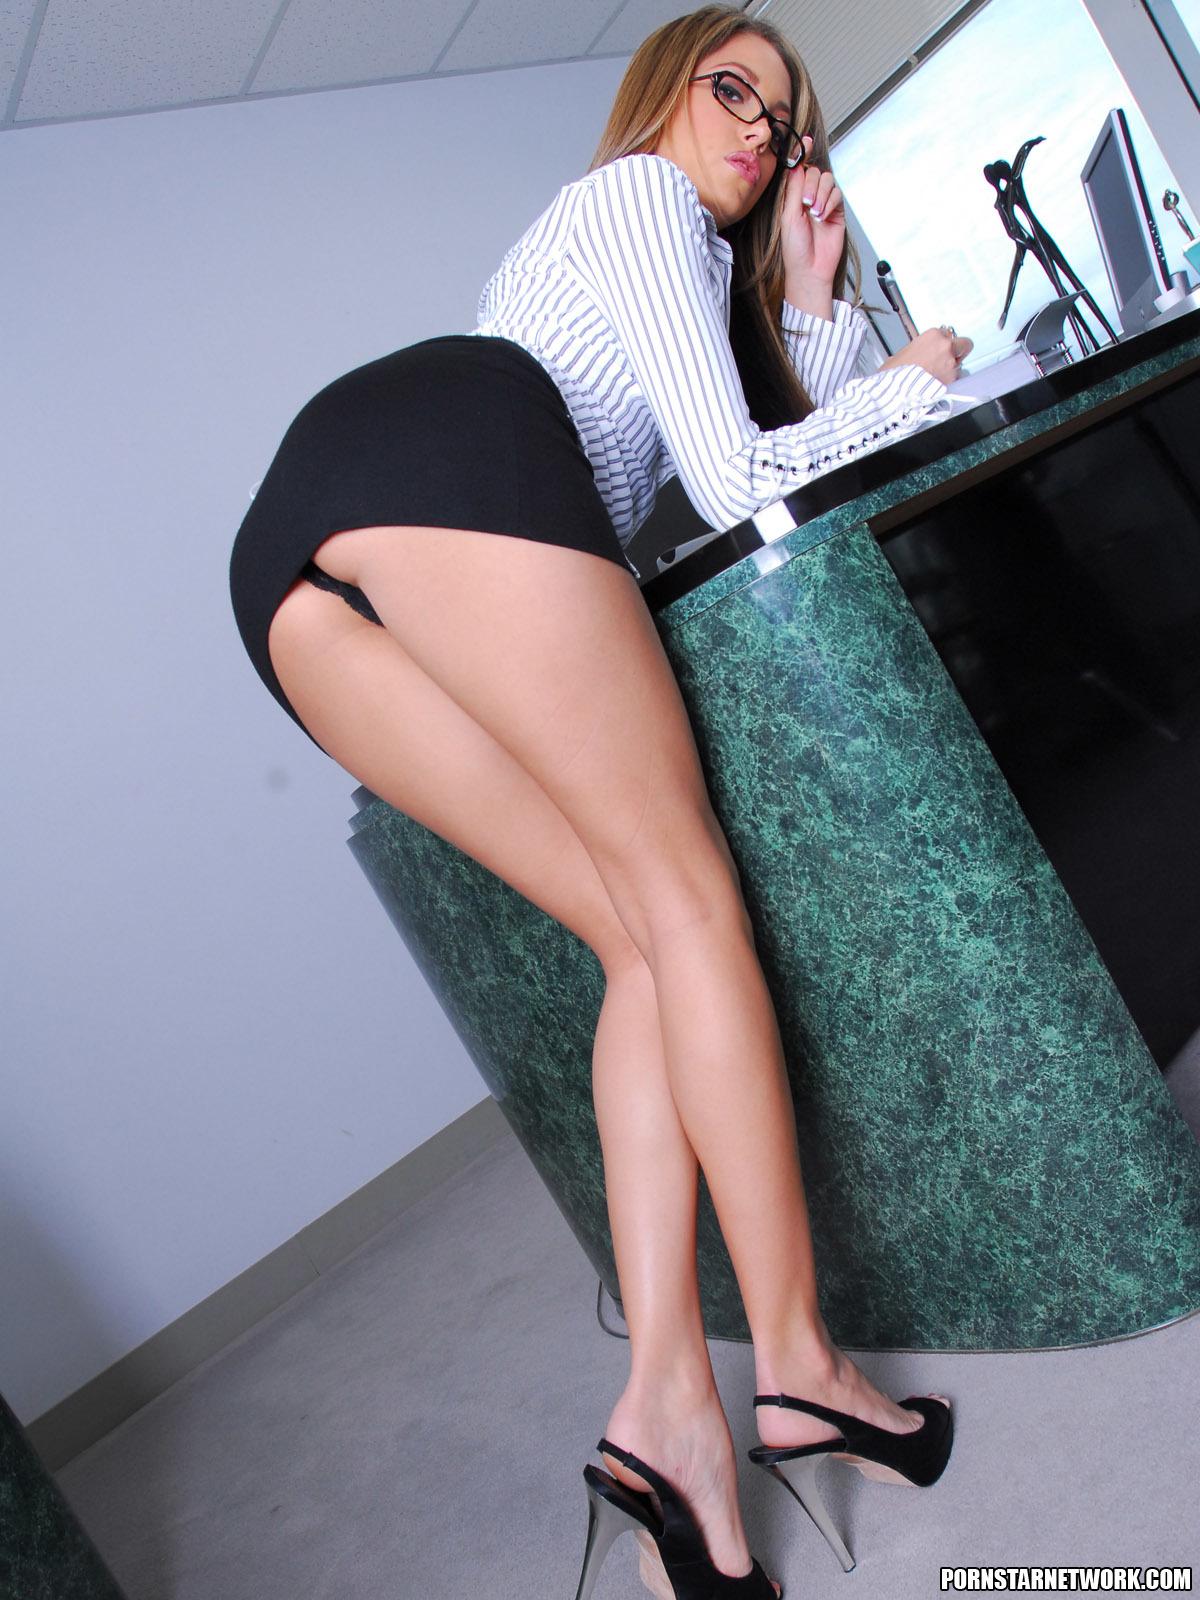 Красотка обожает девушки в юбочках видно трусики бразильских